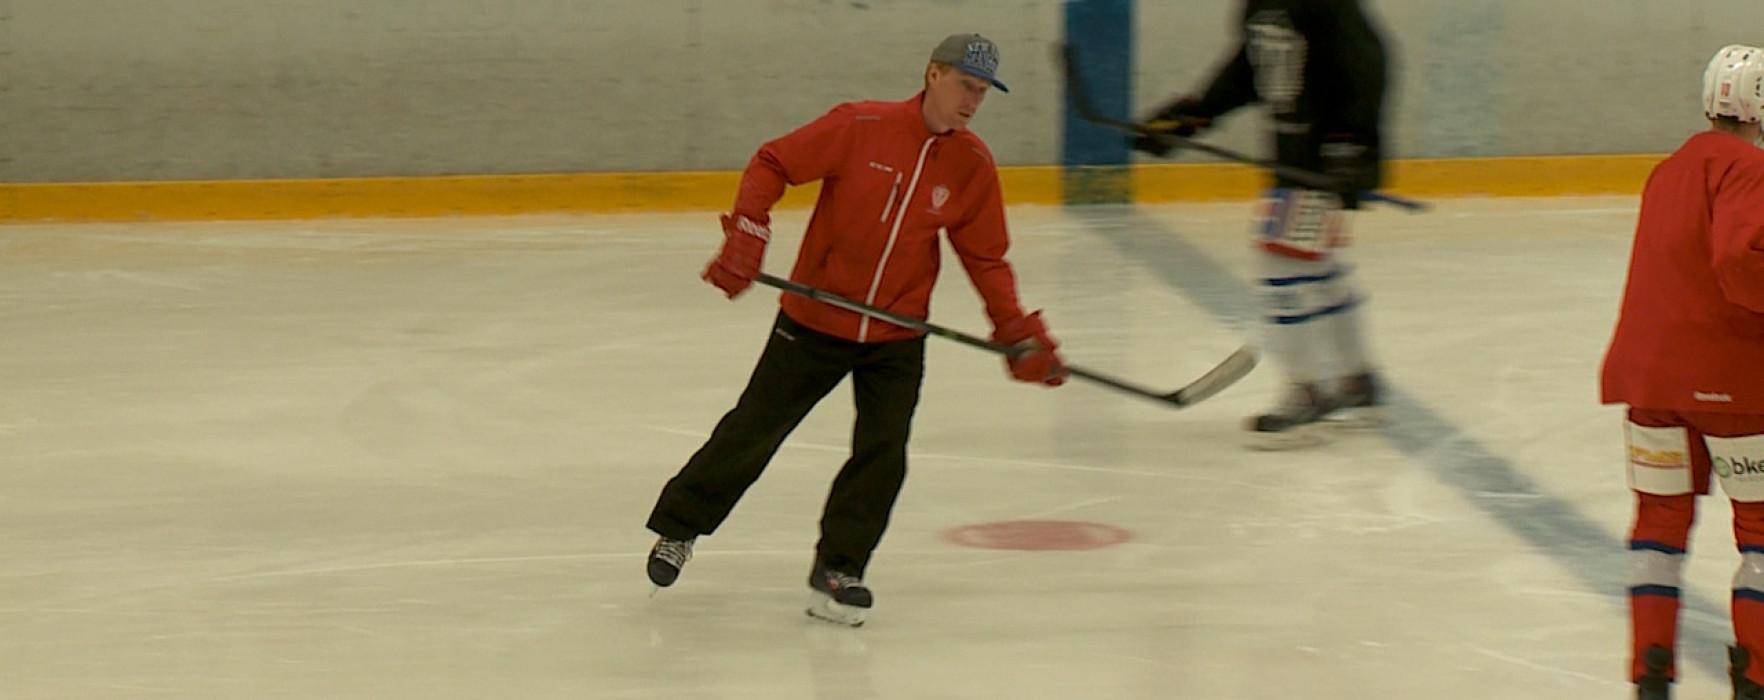 Glimt Sport – Jörgen Jönsson, Forshaga IF